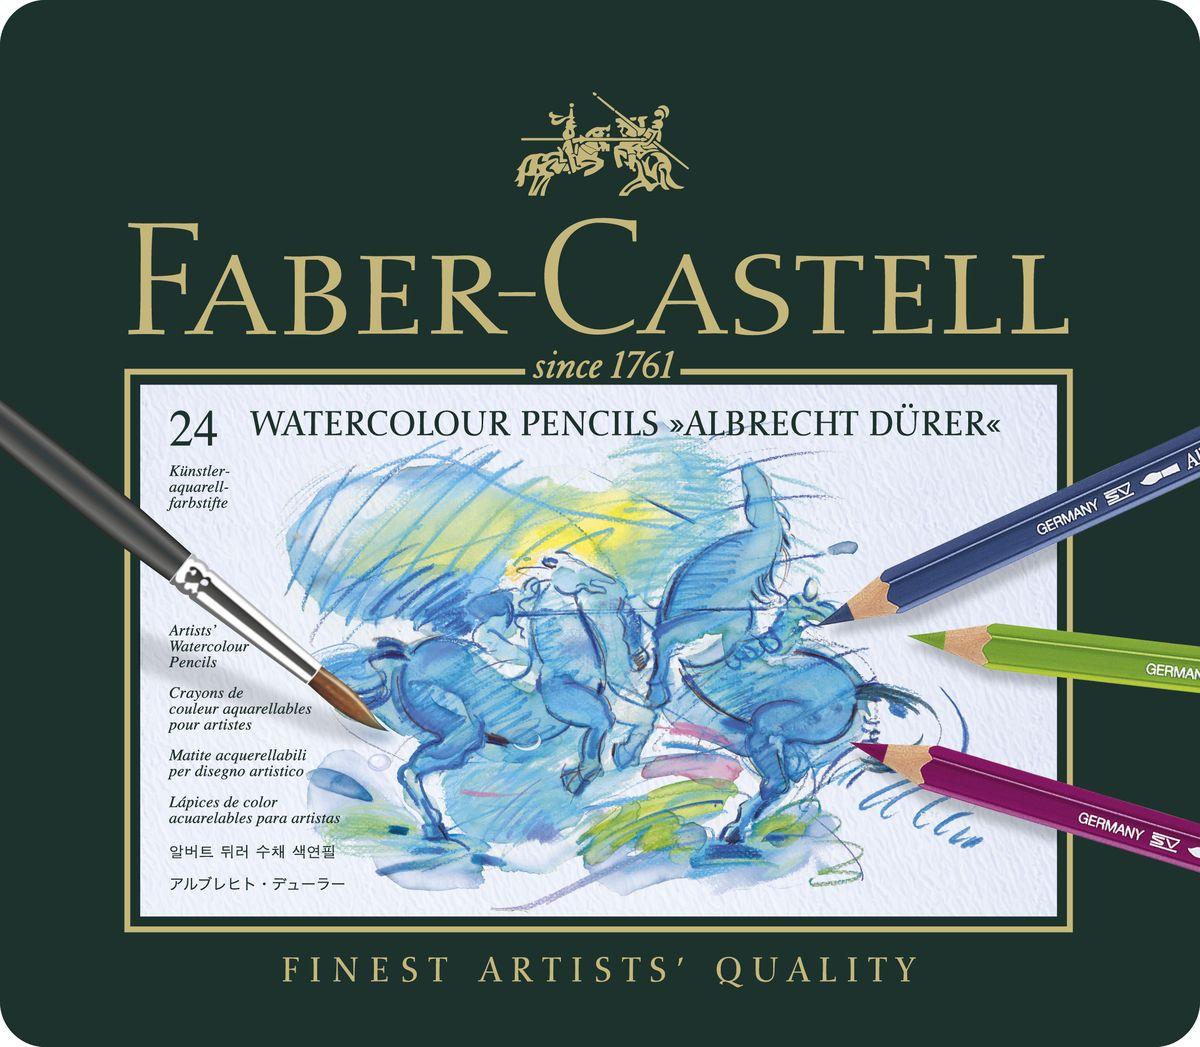 Faber-Castell Акварельные карандаши Albrecht Durer 24 штPDCP-US1-3QP-12Акварельные карандаши наивысшего качества с толстым грифелем толщиной 3,8 мм. Высококачественные пигменты гарантируют устойчивость к выцветанию.